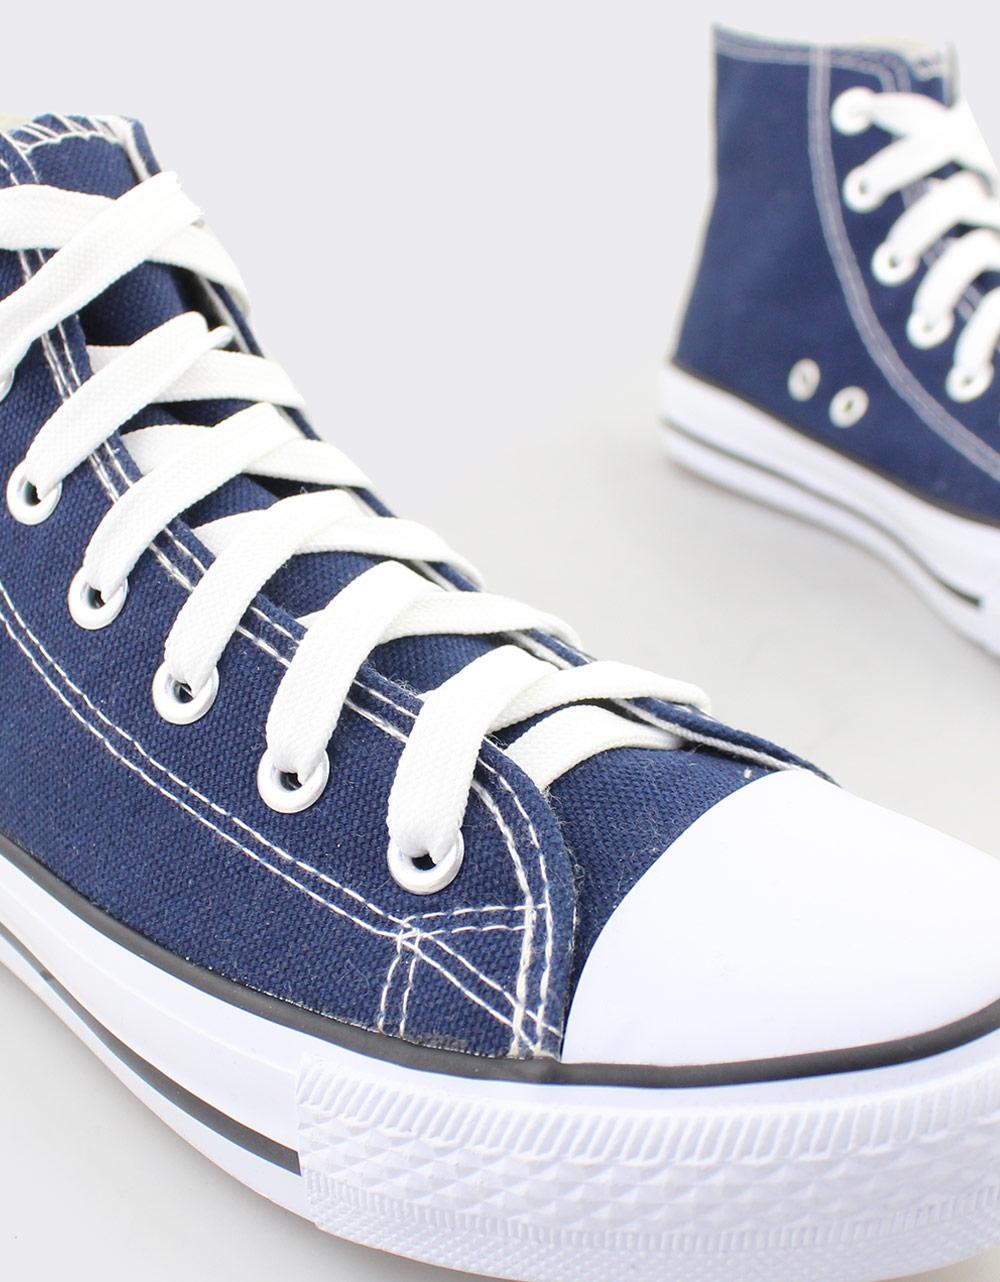 Εικόνα από Γυναικεία sneakers μποτάκια Μπλε